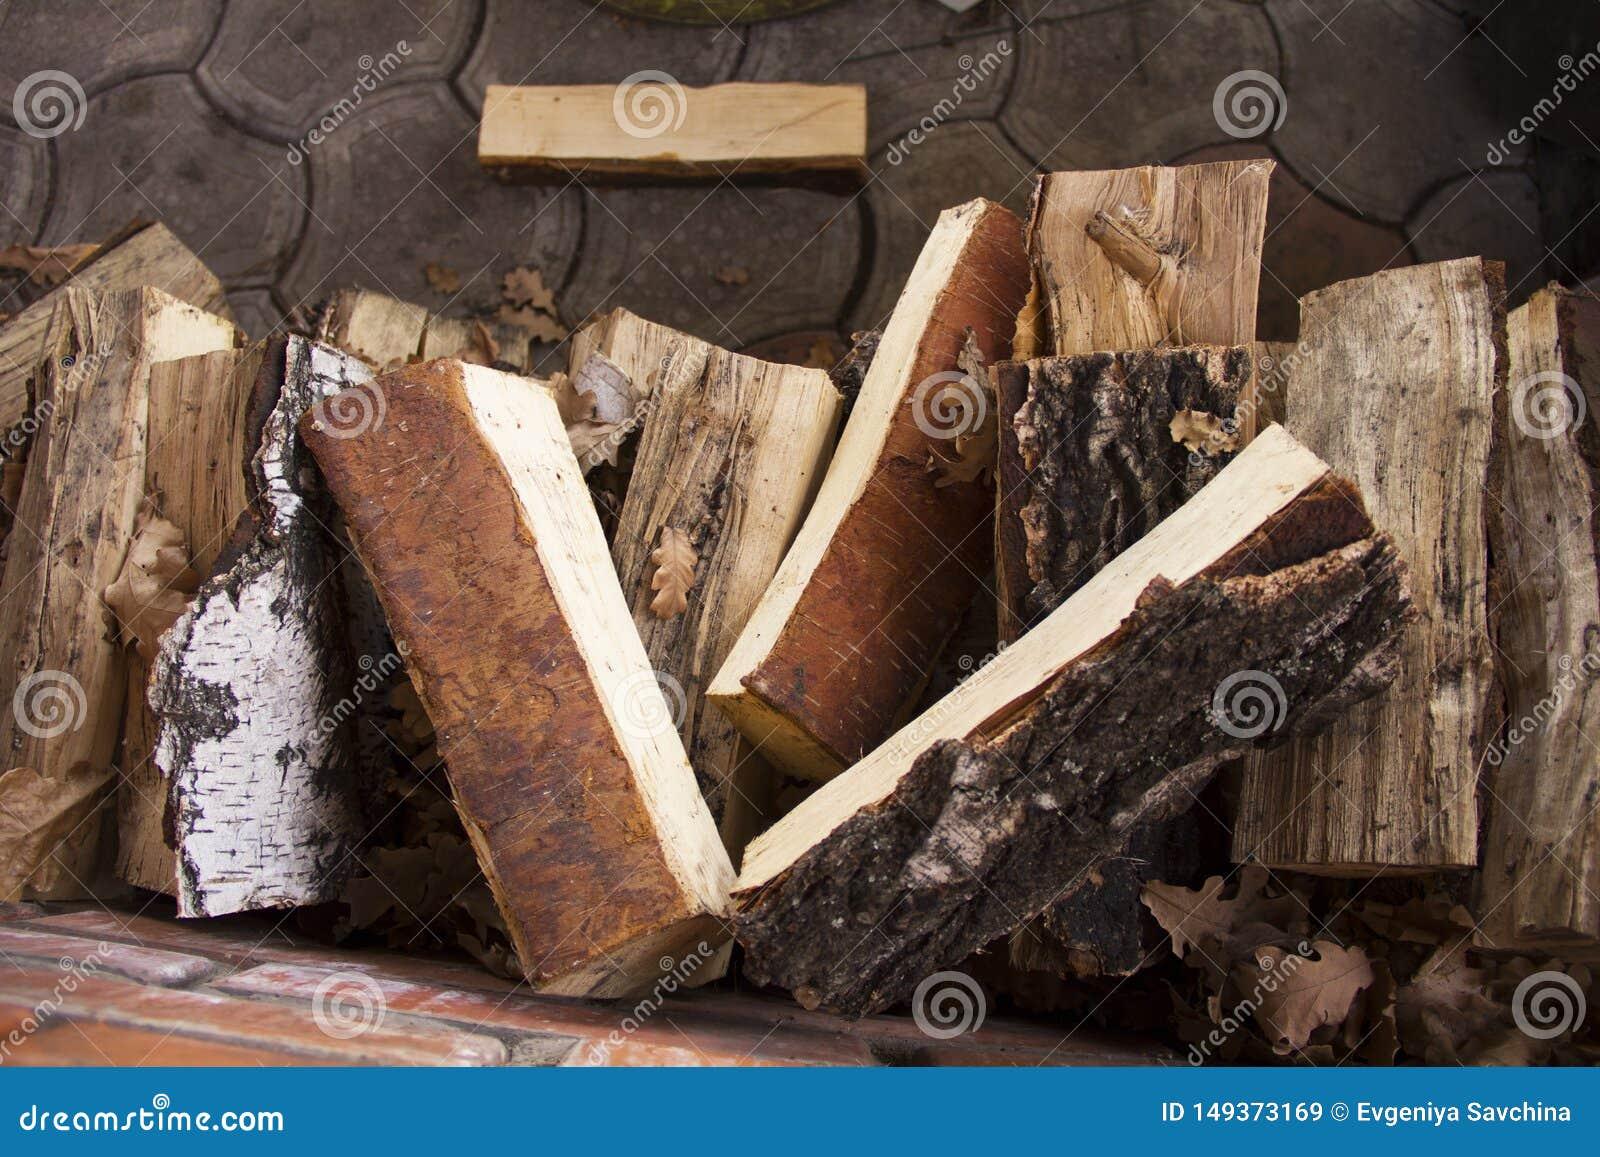 Имя пользователя березы журнал Журналы для разжигать в камине или плите